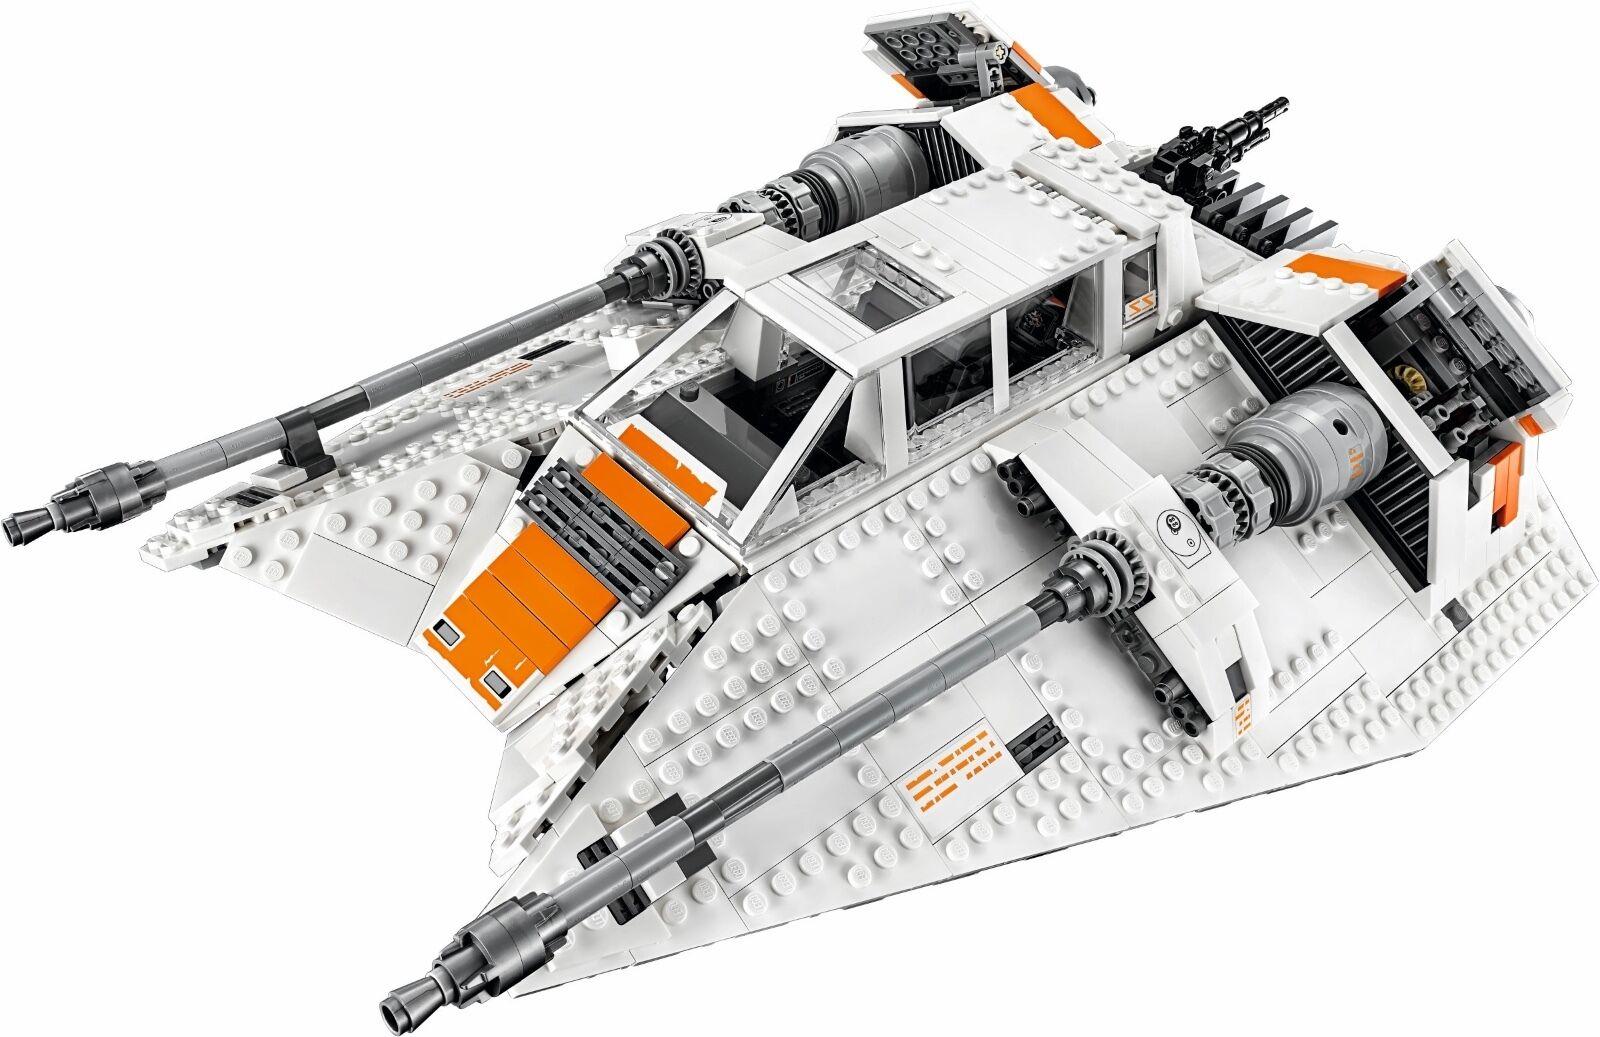 LEGO LEGO LEGO ® Star Wars ™ 75144 Snowspeeder ™ Nouveau neuf dans sa boîte NEW En parfait état, dans sa boîte scellée Boîte d'origine jamais ouverte abd76c